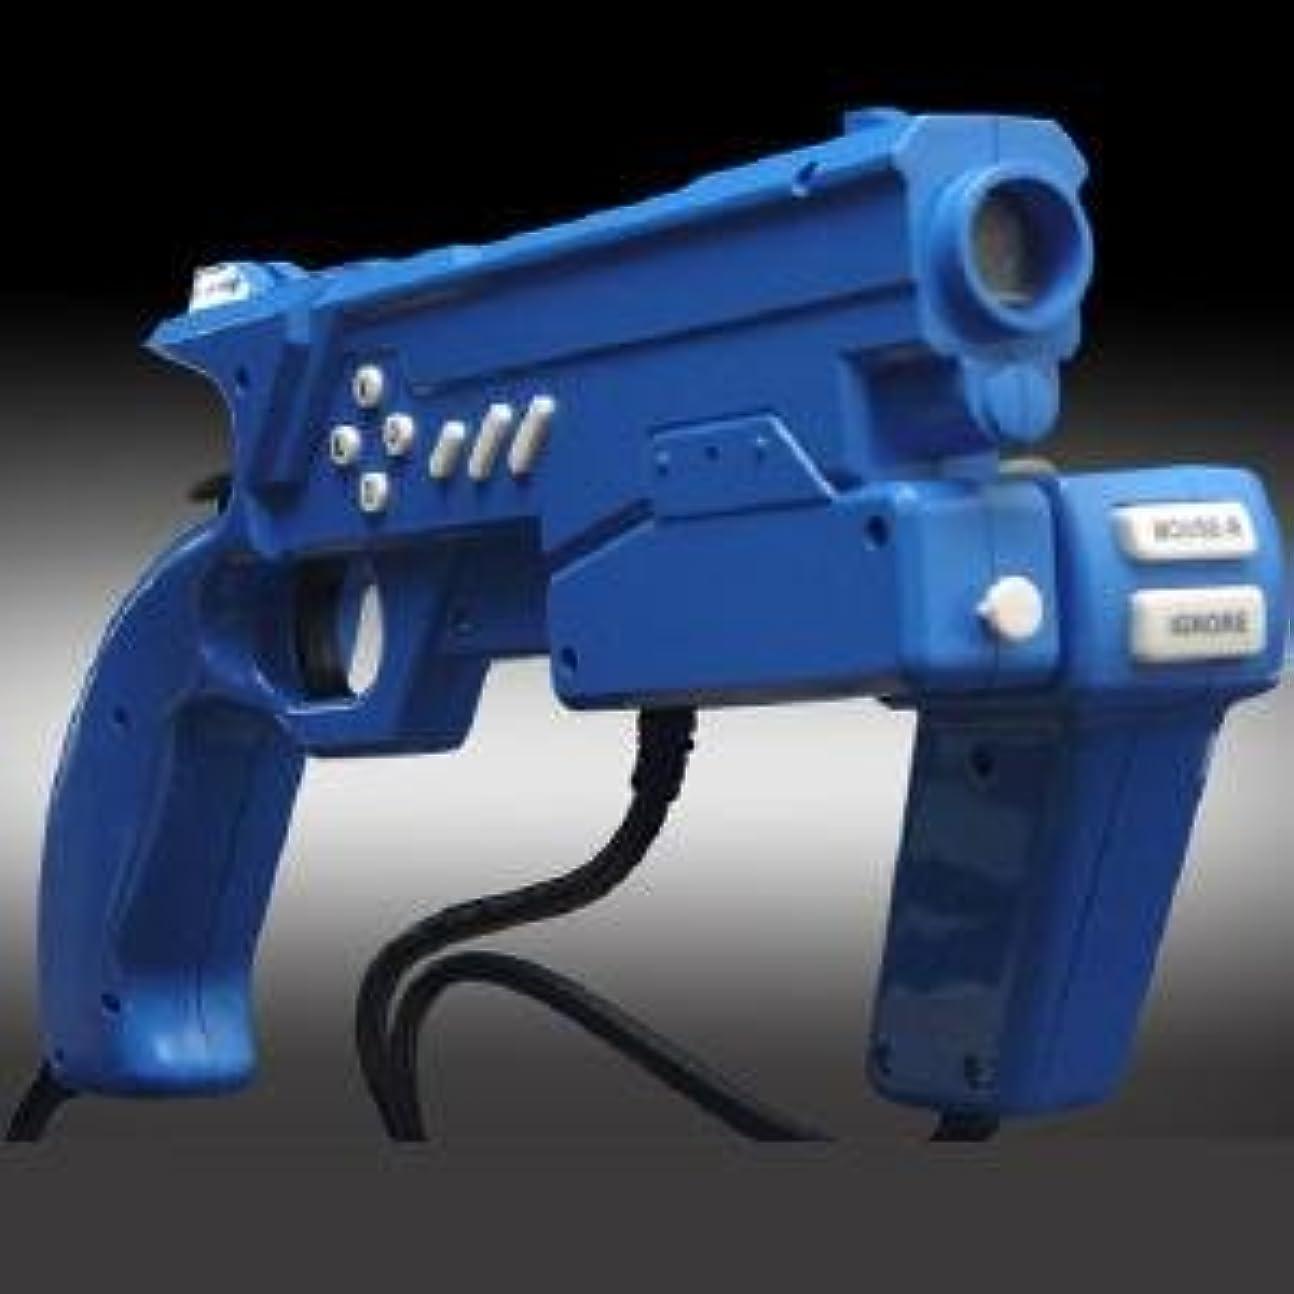 スーダン蘇生する論争的PC用ガンコン XFPS LIGHT GUN - STORM